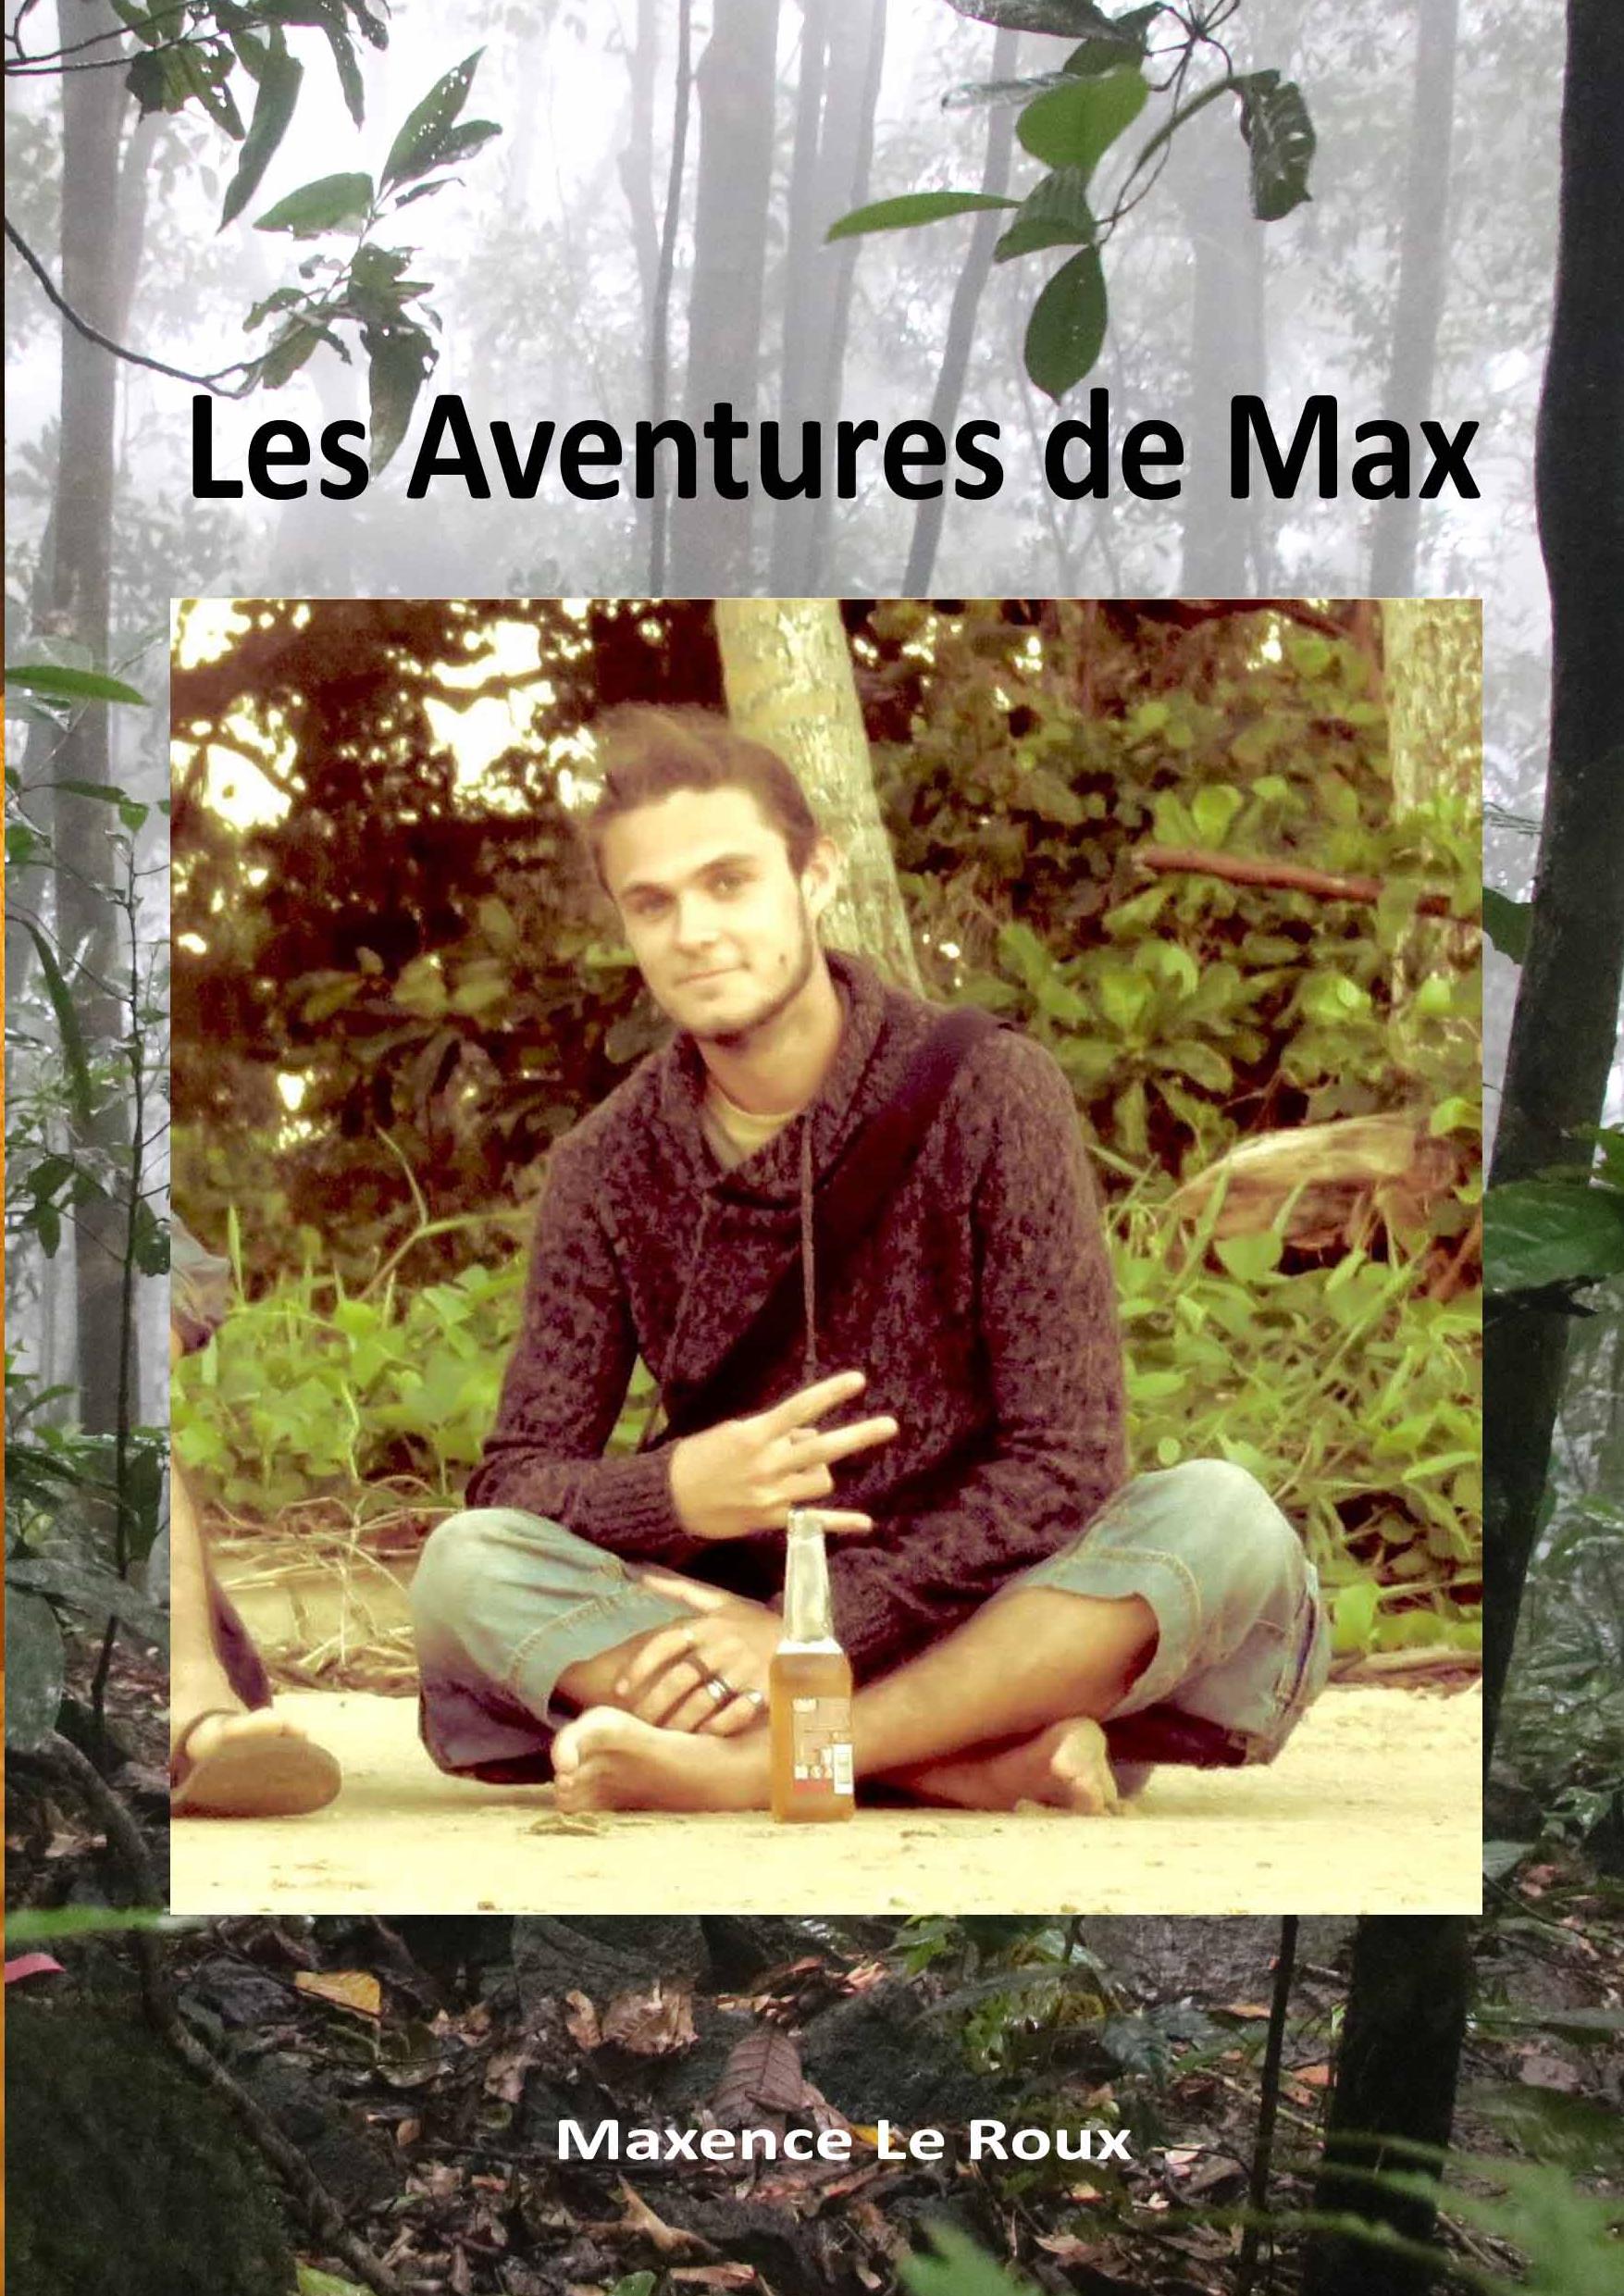 Les aventures de Max